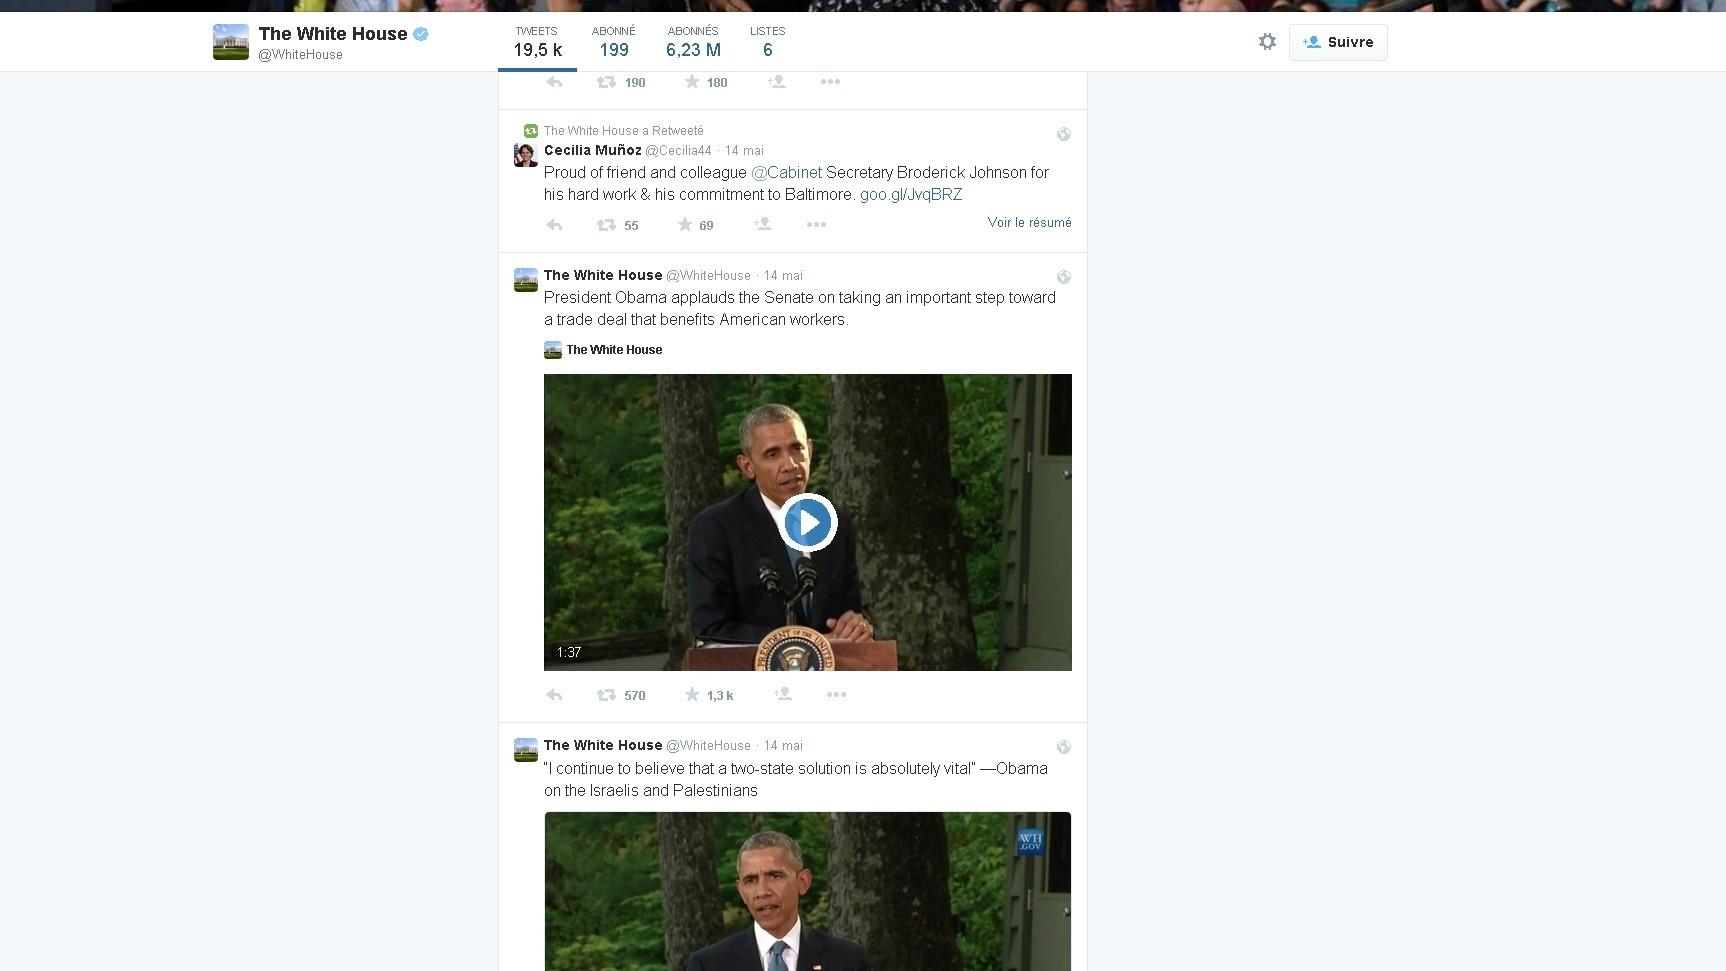 Le capture d'écran du compte de Twitter de la Maison Blanche